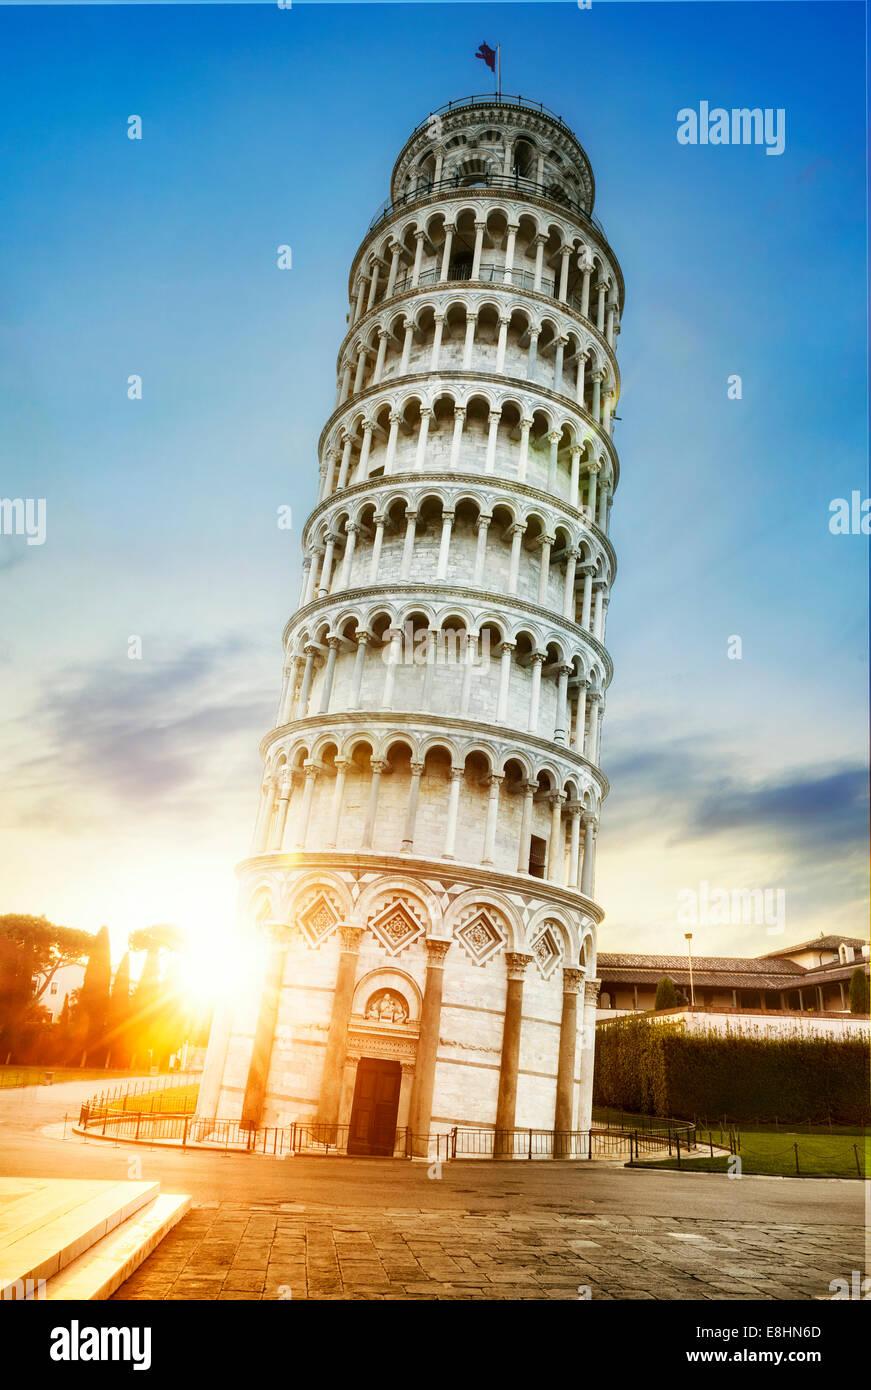 Pisa, luogo di miracoli: la torre pendente e la cattedrale battistero, Toscana, Italia Immagini Stock